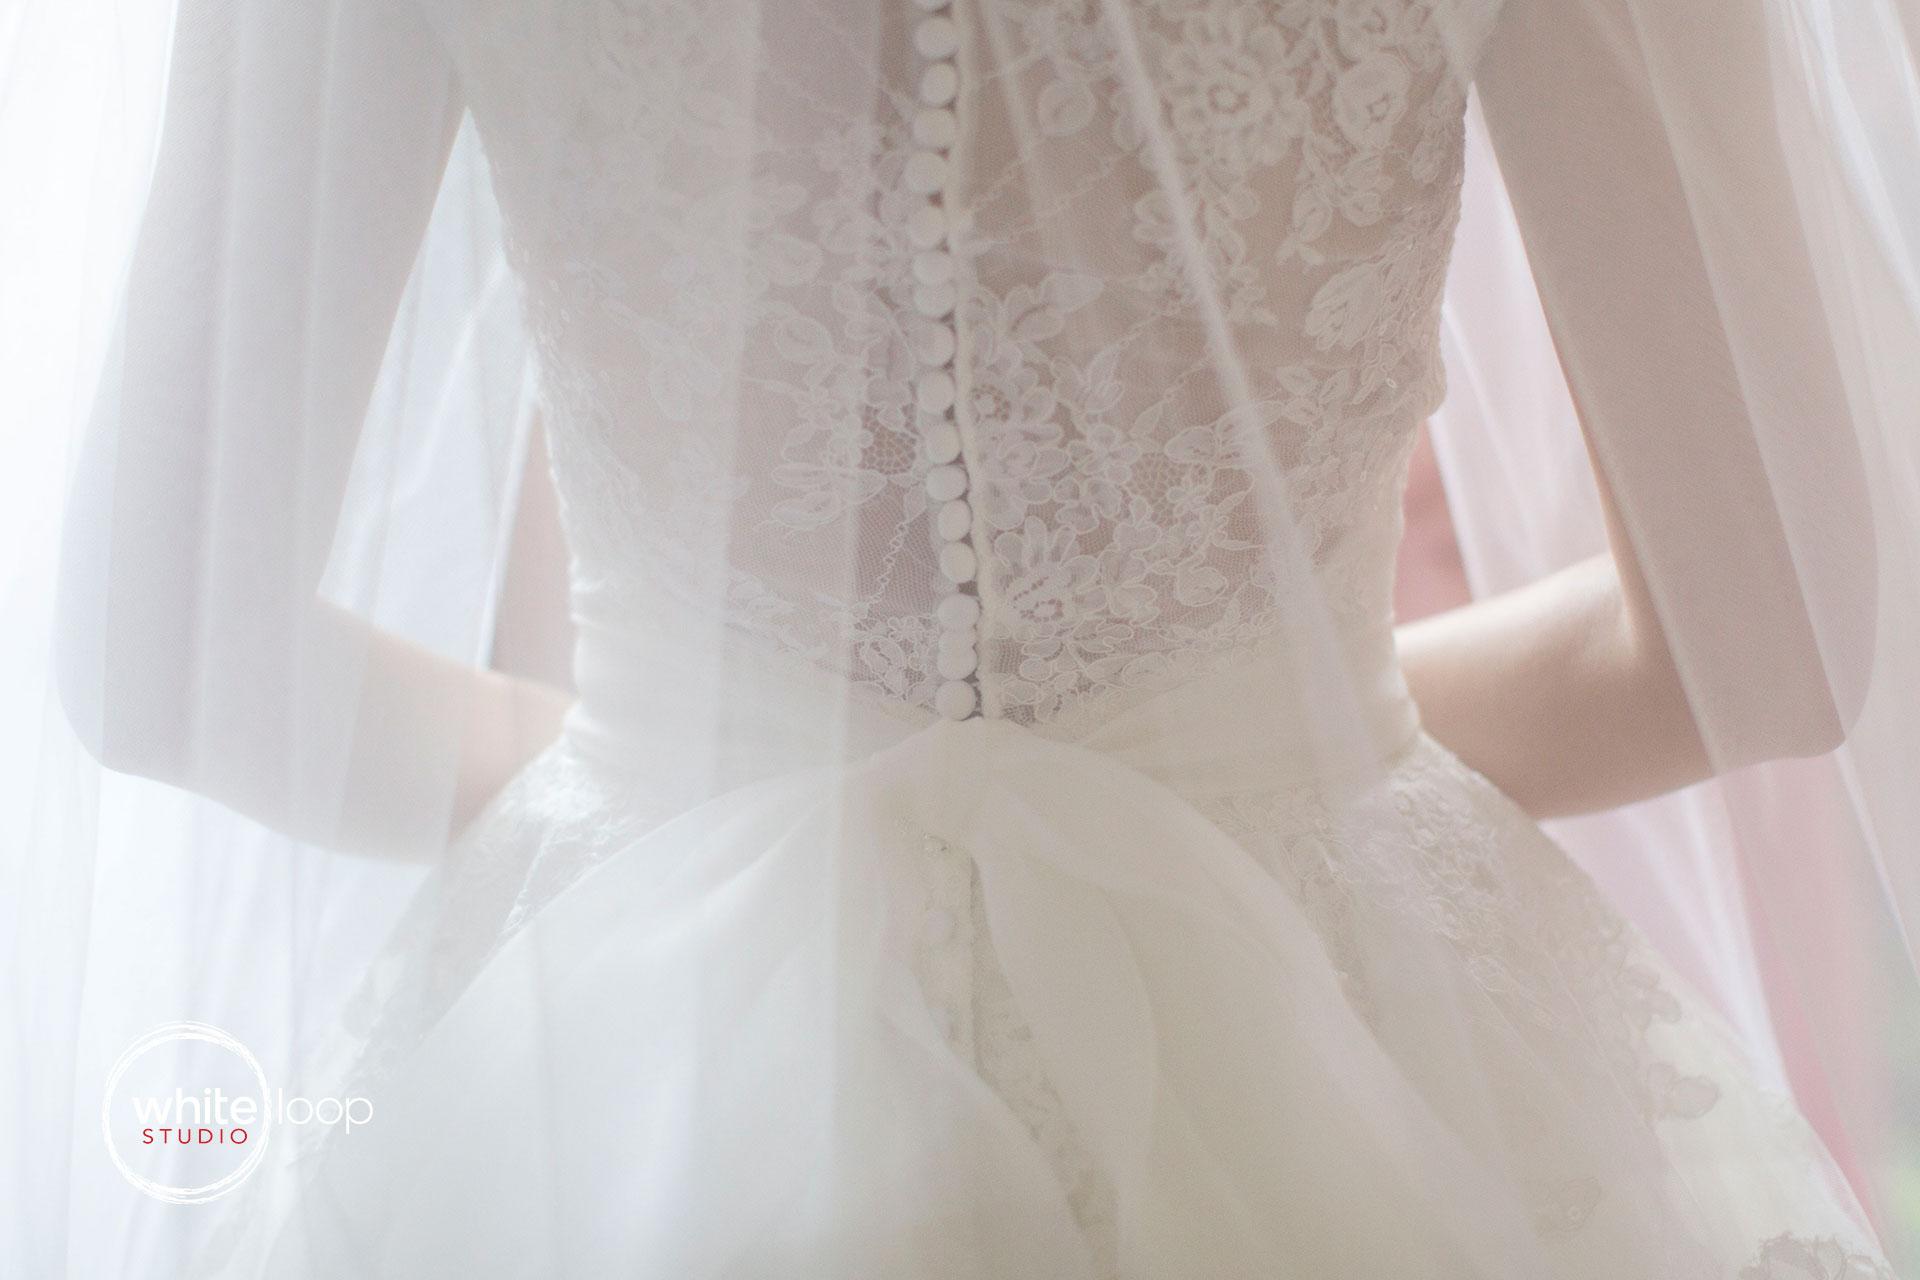 Behind the wedding dress under white veil